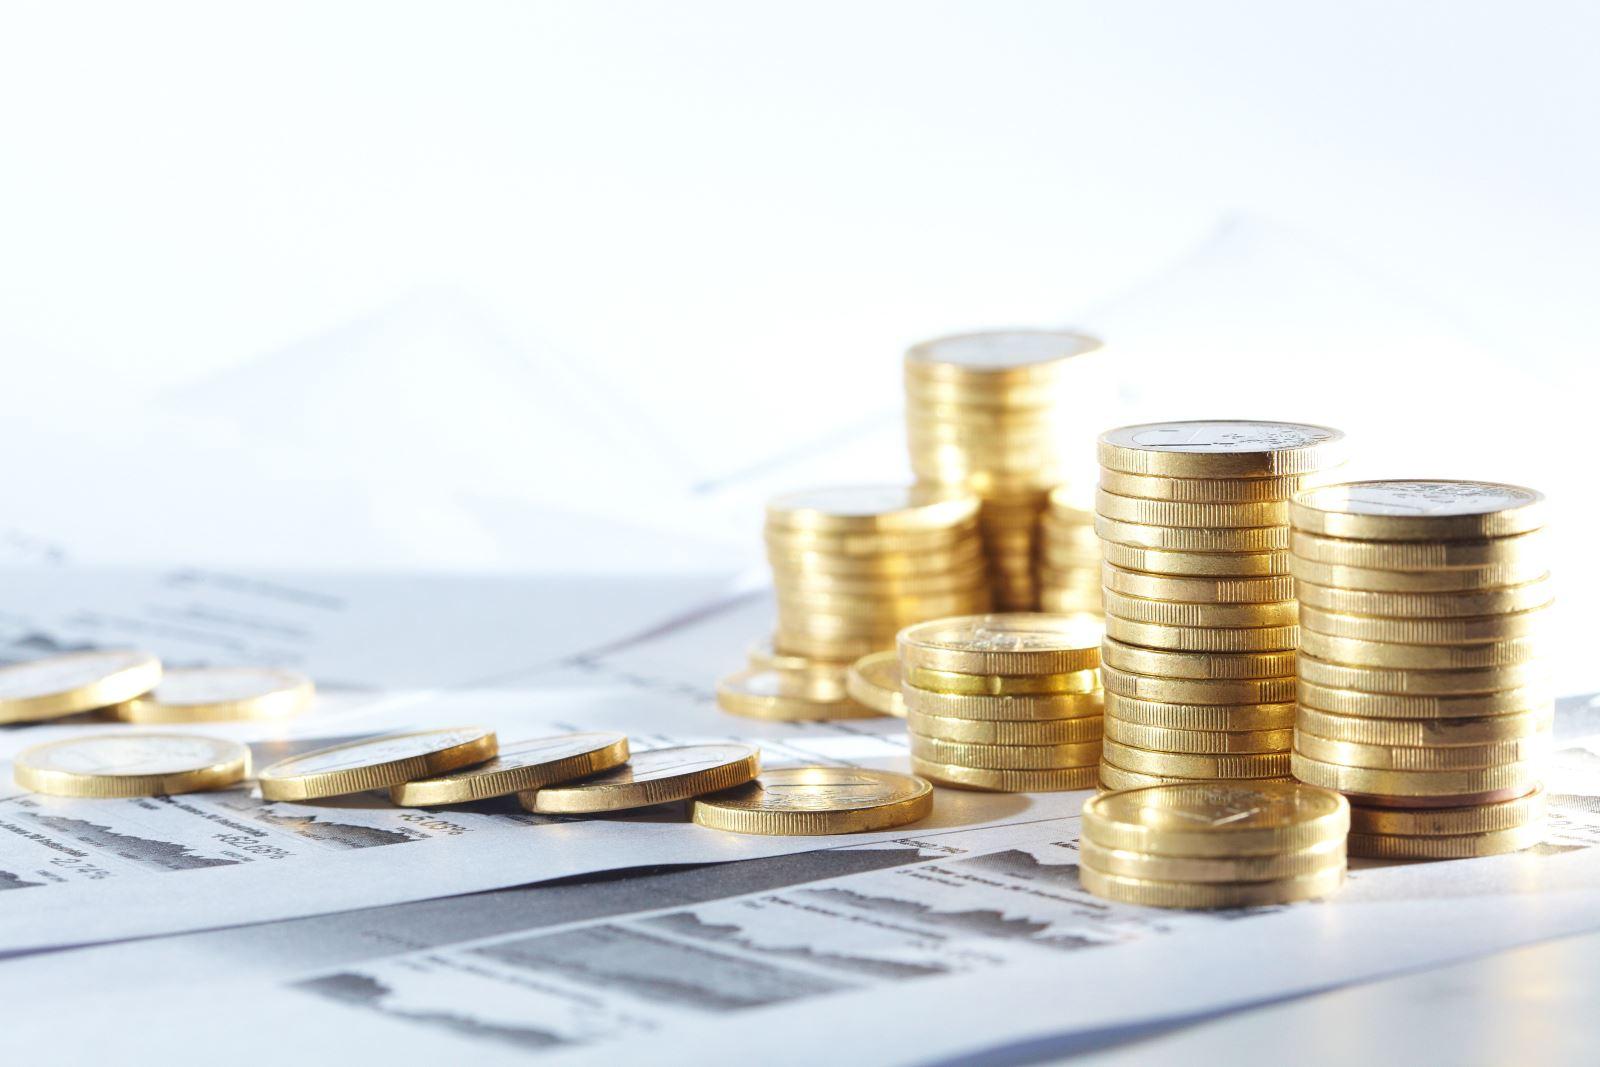 מה הסיכוי שלכם לקבל הלוואה בערבות המדינה להקמת עסק?